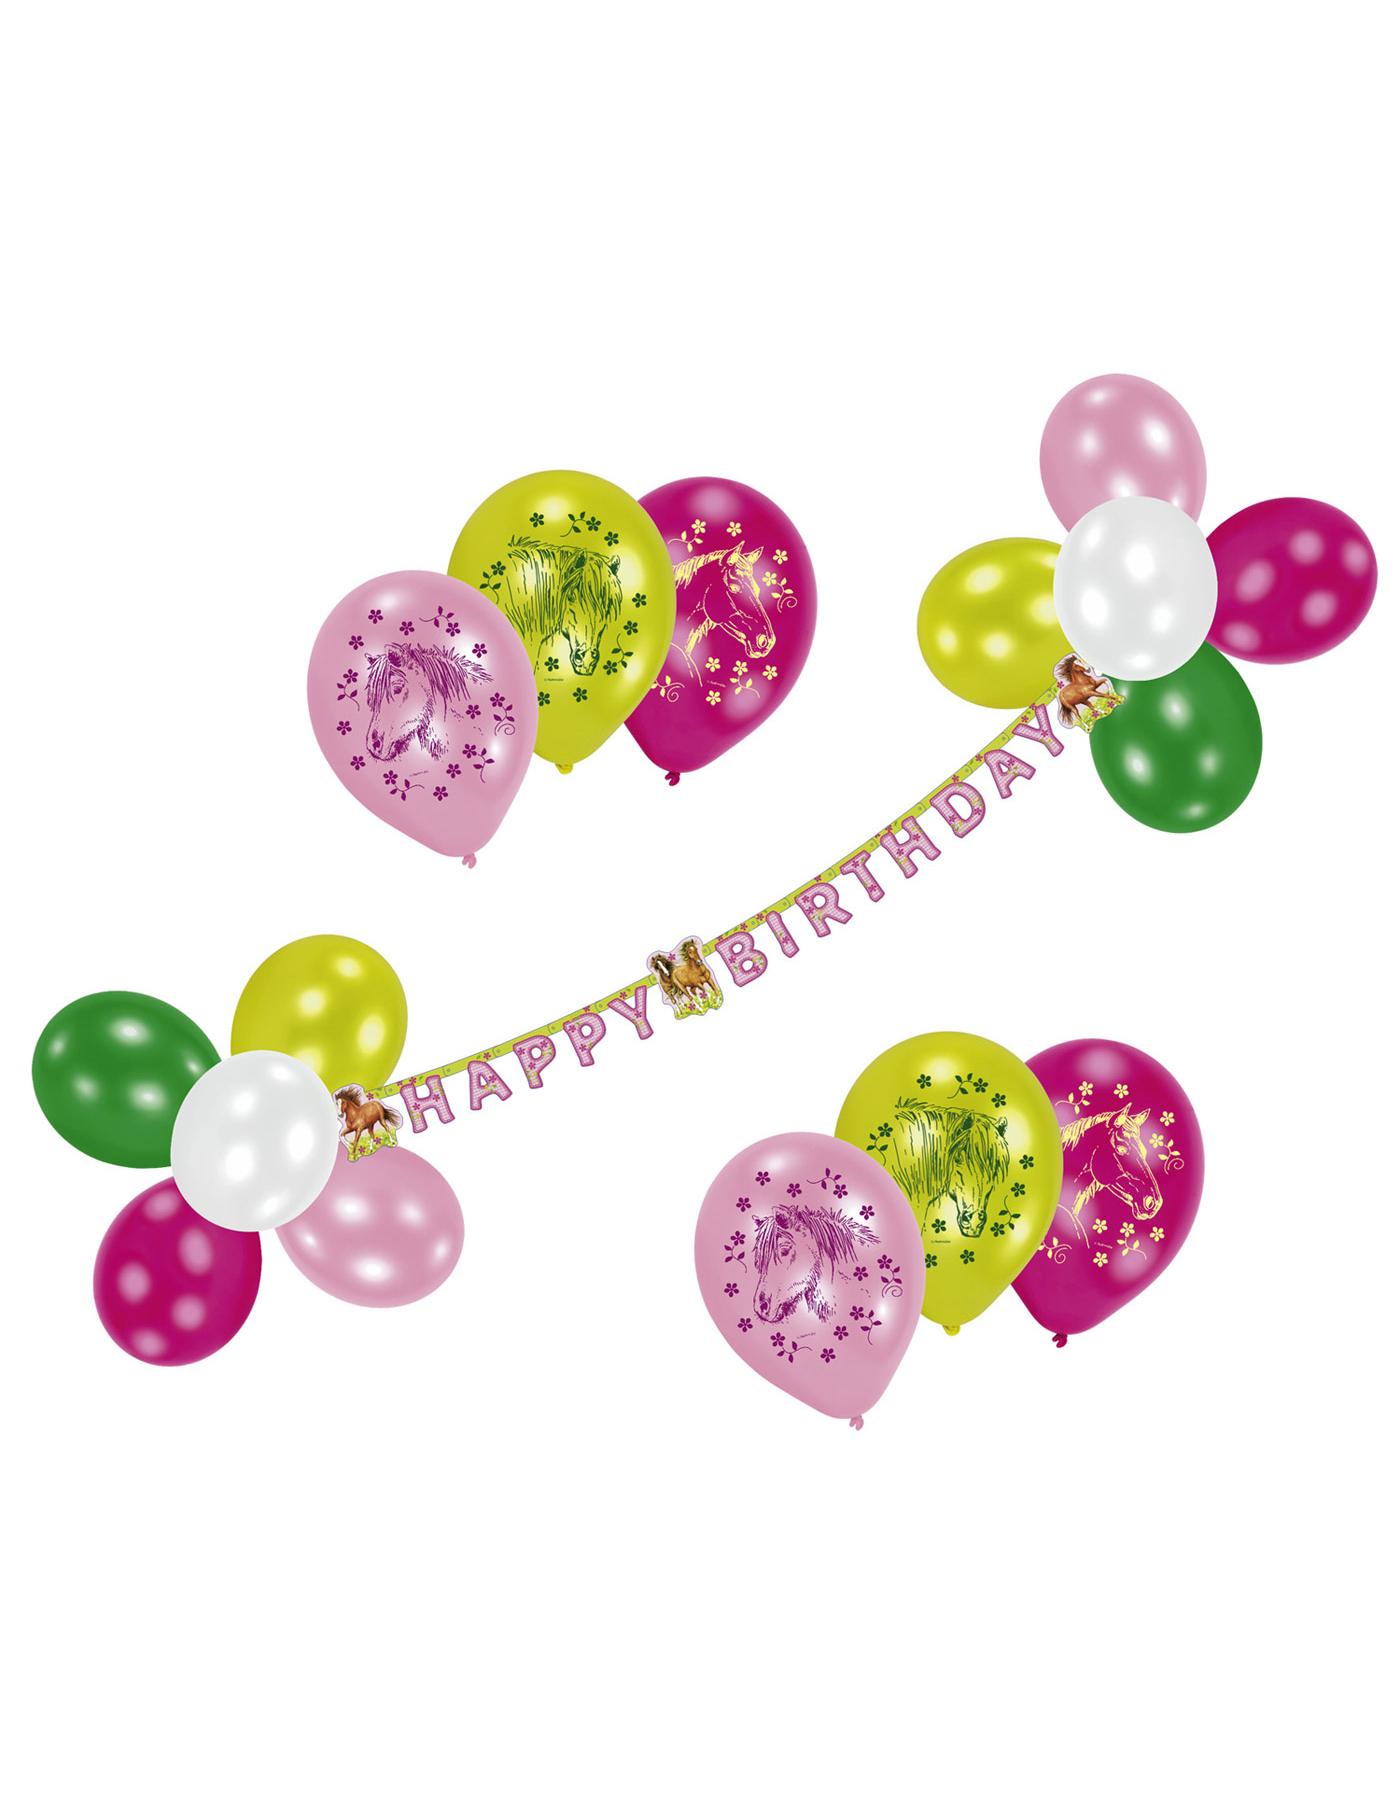 Geburtstagsdekoration pferd deko und g nstige for Geburtstagsdekoration